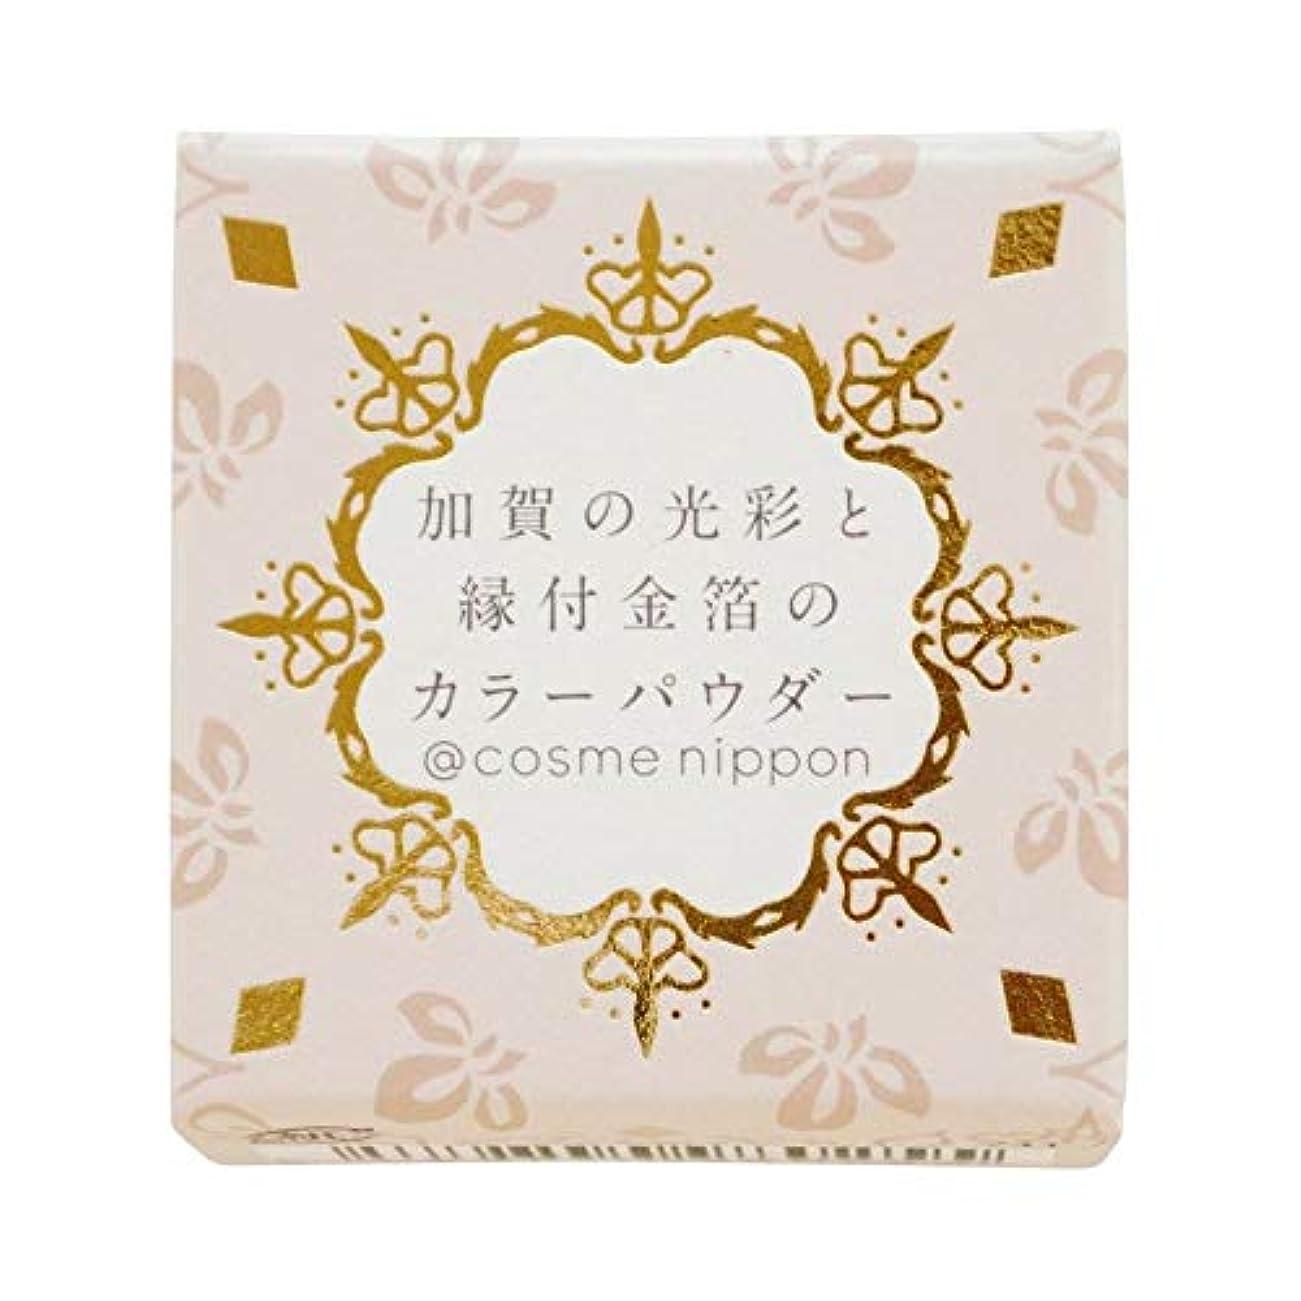 拮抗輸血区別友禅工芸 すずらん加賀の光彩と縁付け金箔のカラーパウダー01金色こんじき